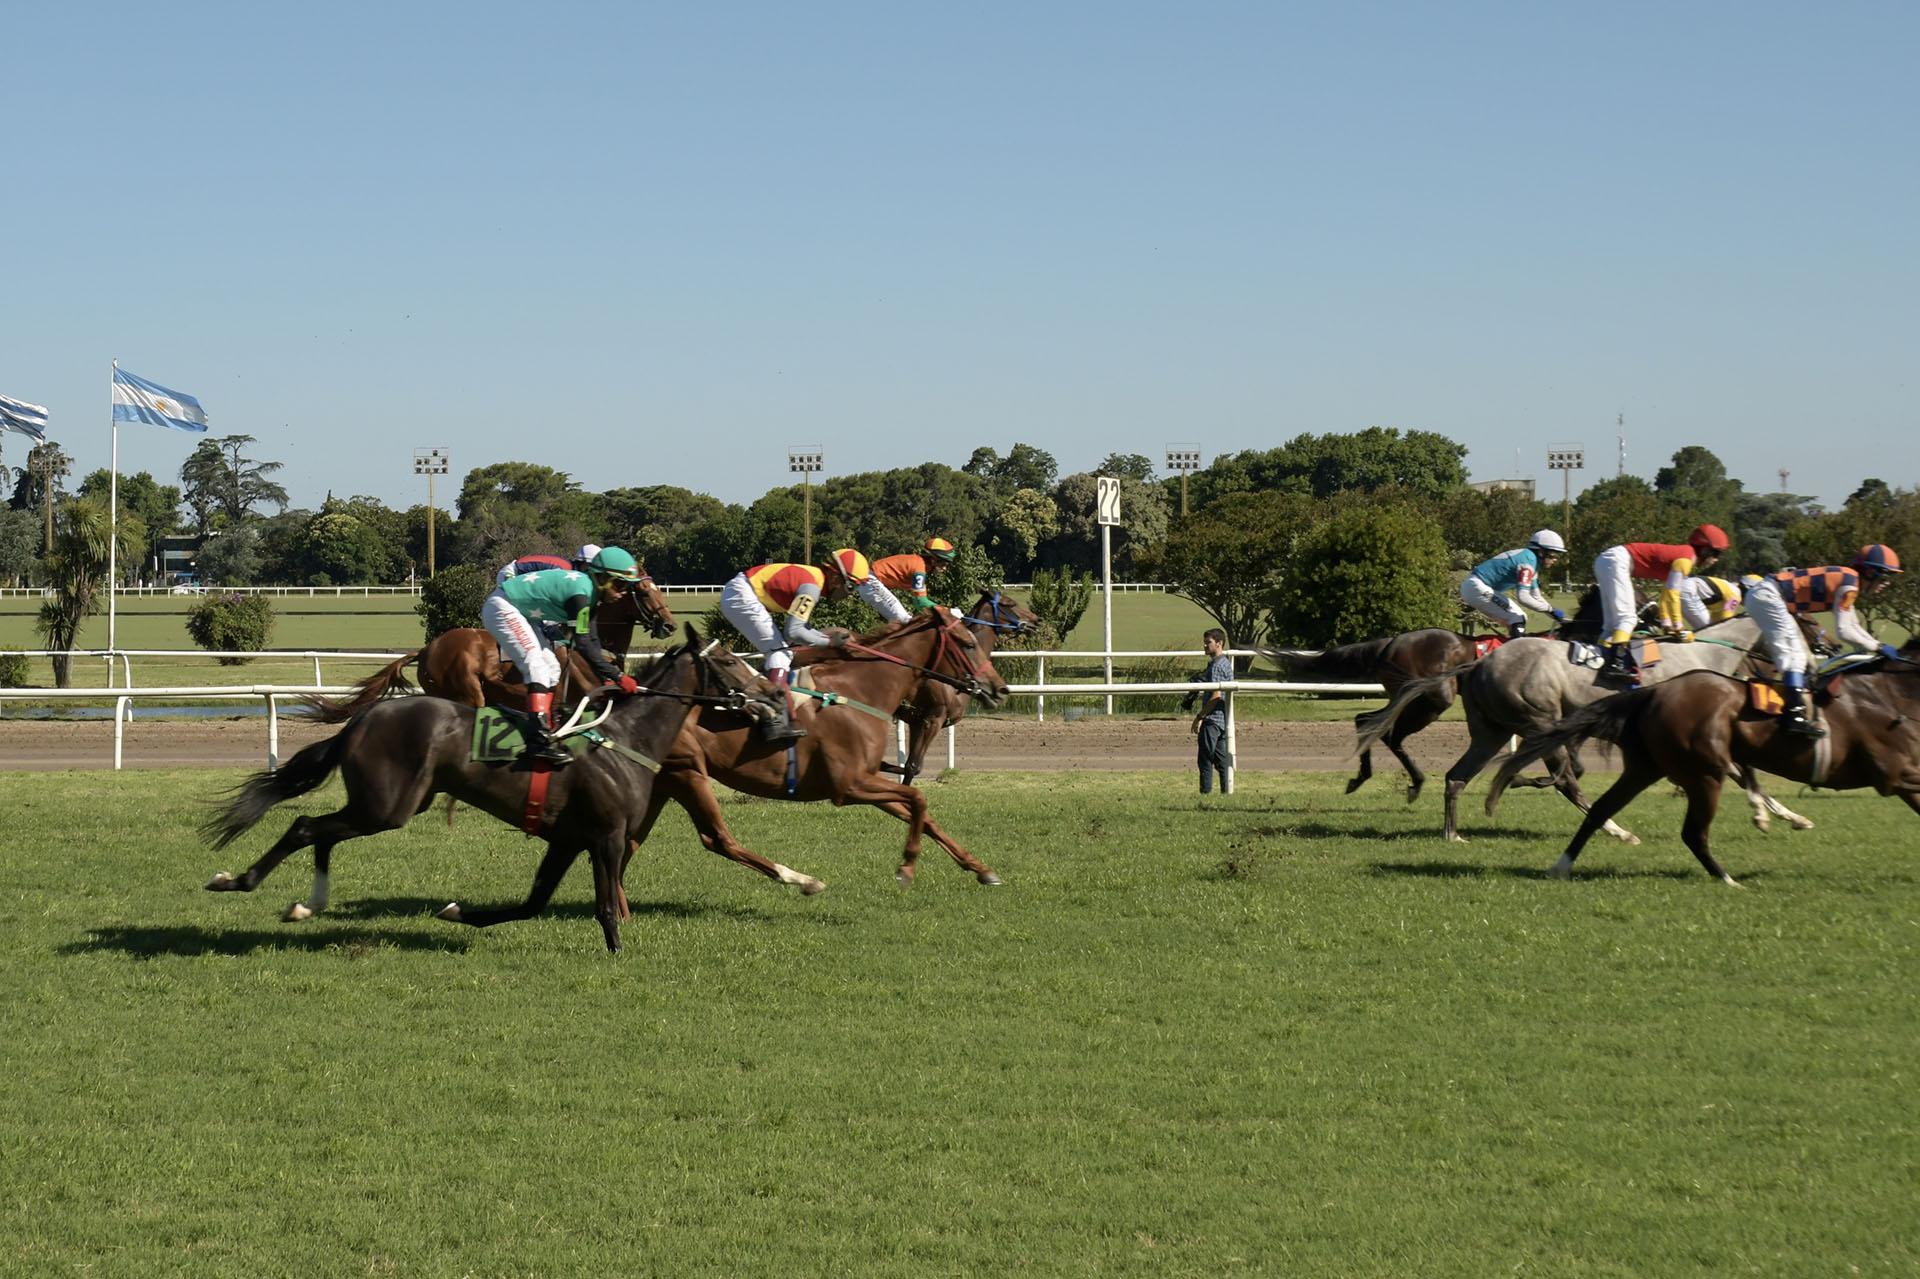 Los jockeys y los caballos, un espectáculo que disfrutó toda la familia